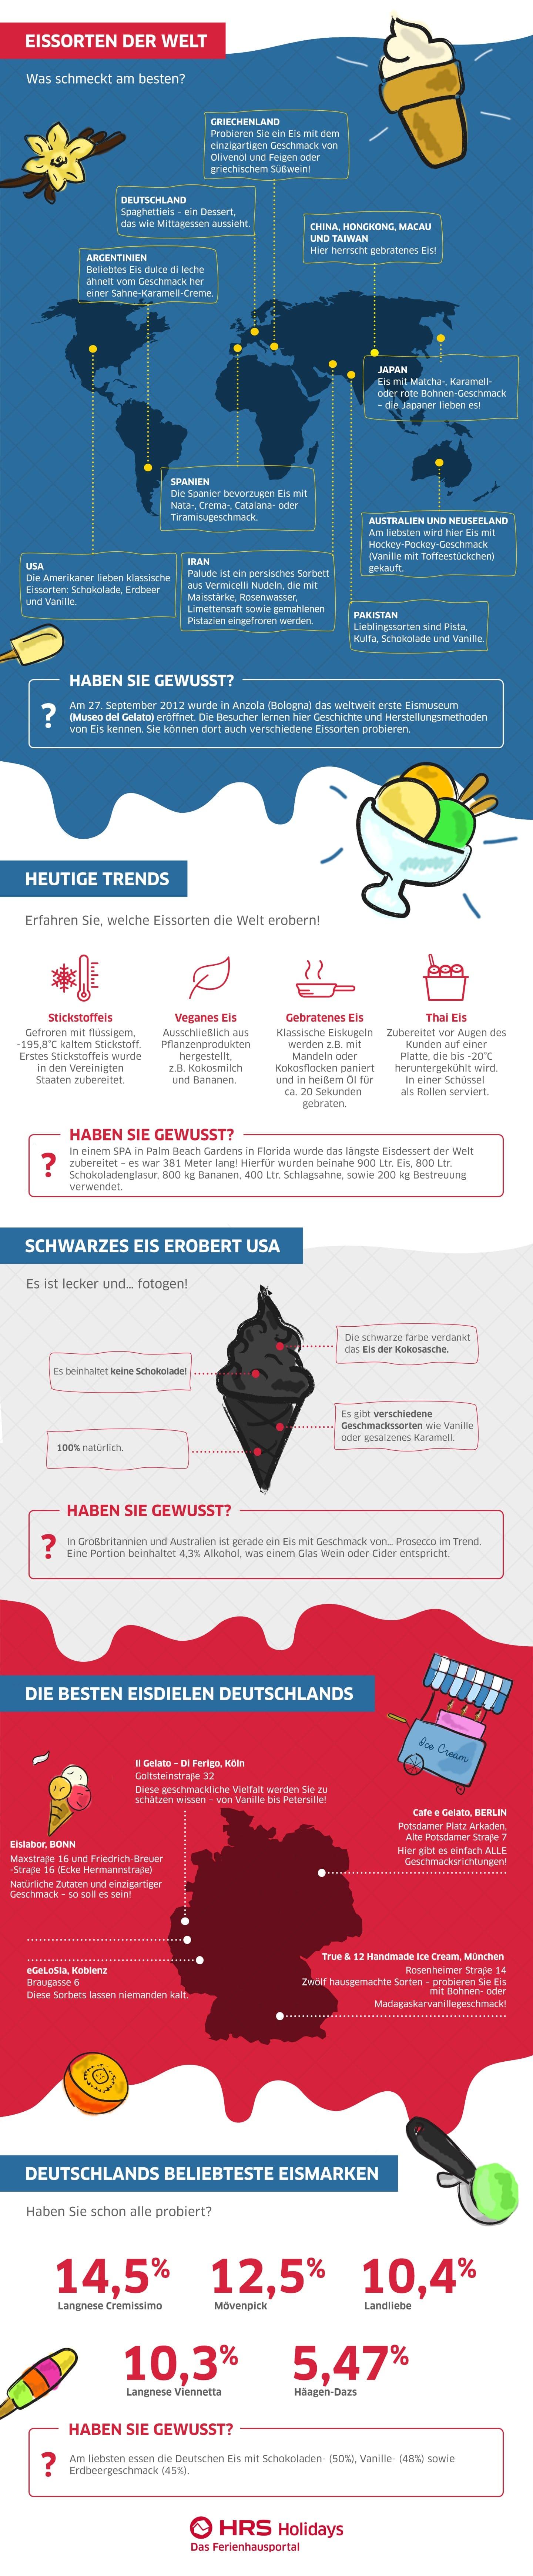 Infografik Die Geschichte des Eis